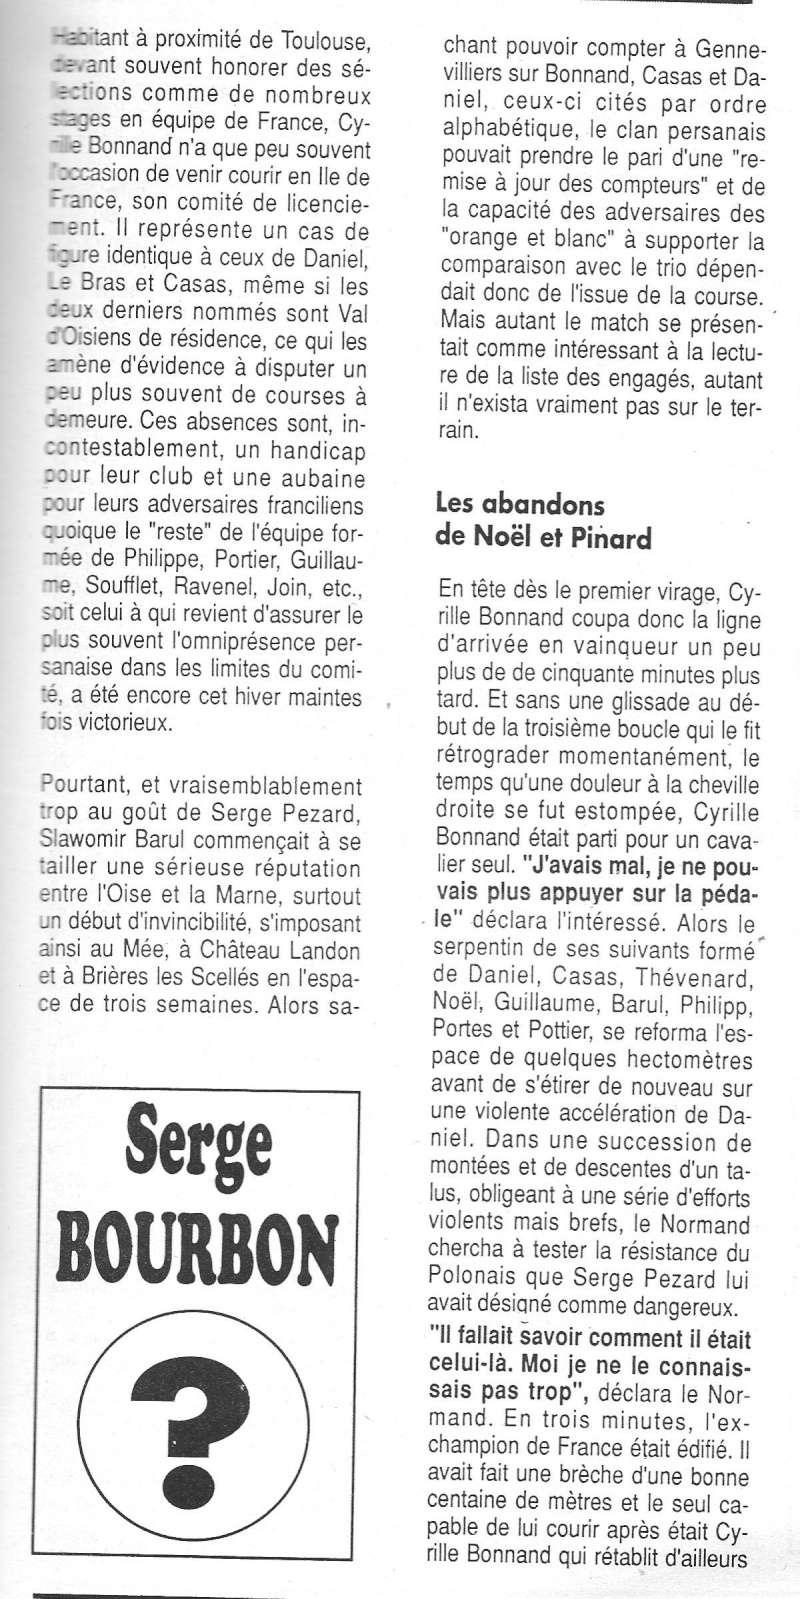 CSM.Persan. BIC. Toute une époque de janvier 1990 à novembre 2007 - Page 6 1991_066